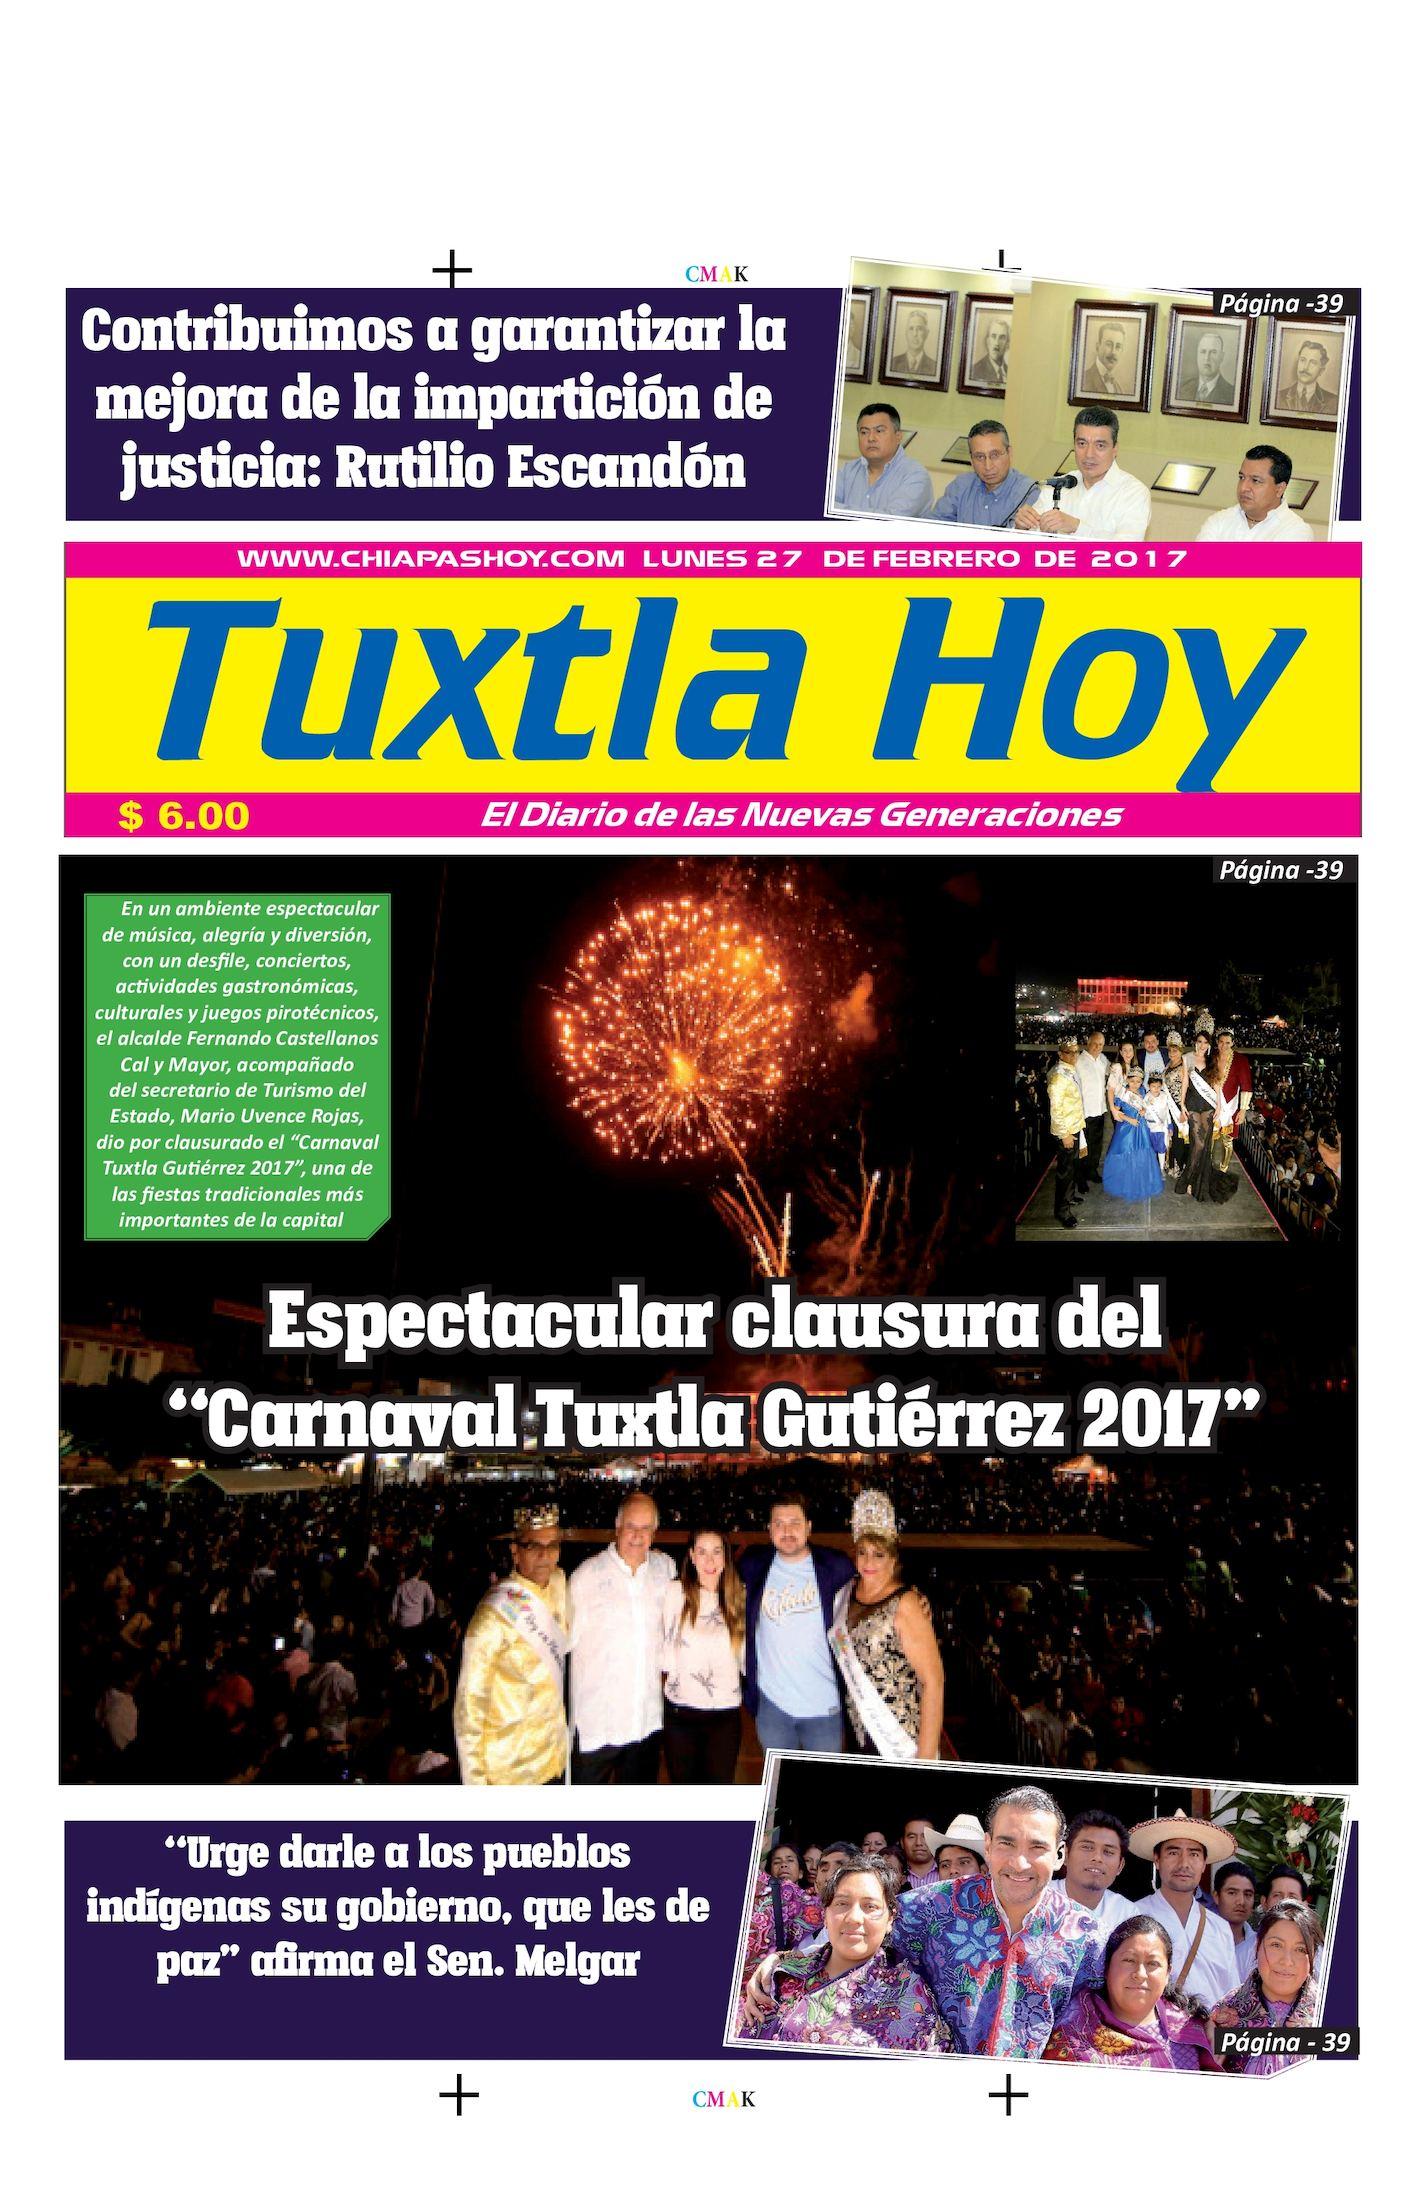 Tuxtla Hoy 270217